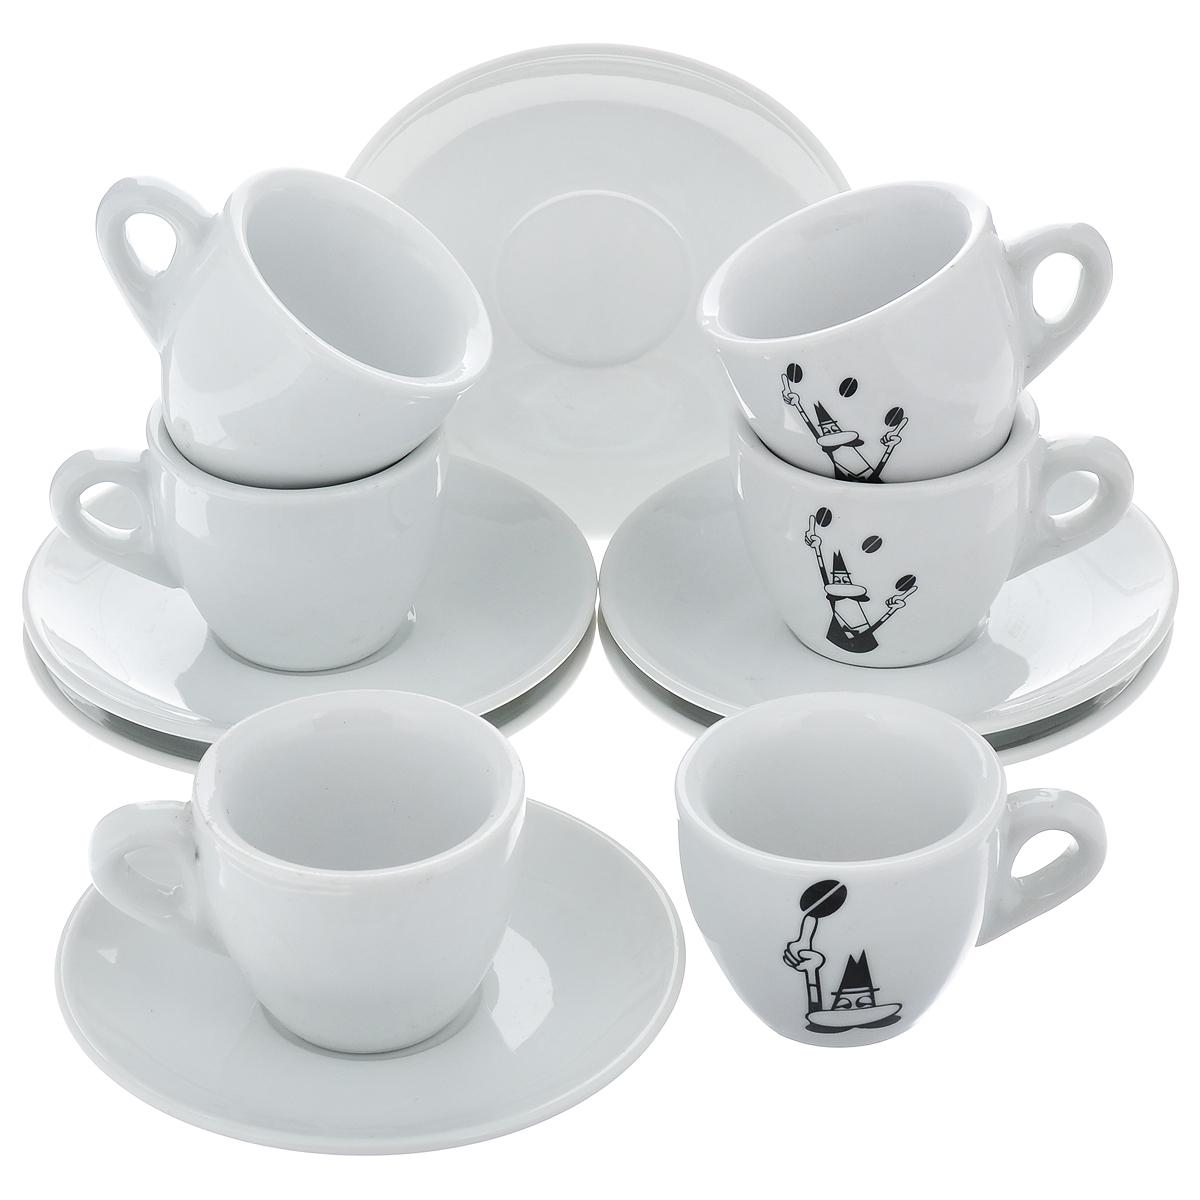 Набор чашек для кофе Bialetti, с блюдцами, цвет: белый, черный, 12 предметов132Набор Bialetti состоит из 6 чашек для кофе и 6 блюдец, выполненных из высококачественной керамики. Материал изделий абсолютно безопасен для здоровья. Набор Bialetti оригинального дизайна позволит насладиться вашими любимыми напитками. Прекрасный подарок для друзей и близких. Можно мыть в посудомоечной машине. Объем чашки: 60 мл. Диаметр (по верхнему краю): 6 см. Высота чашки: 5 см.